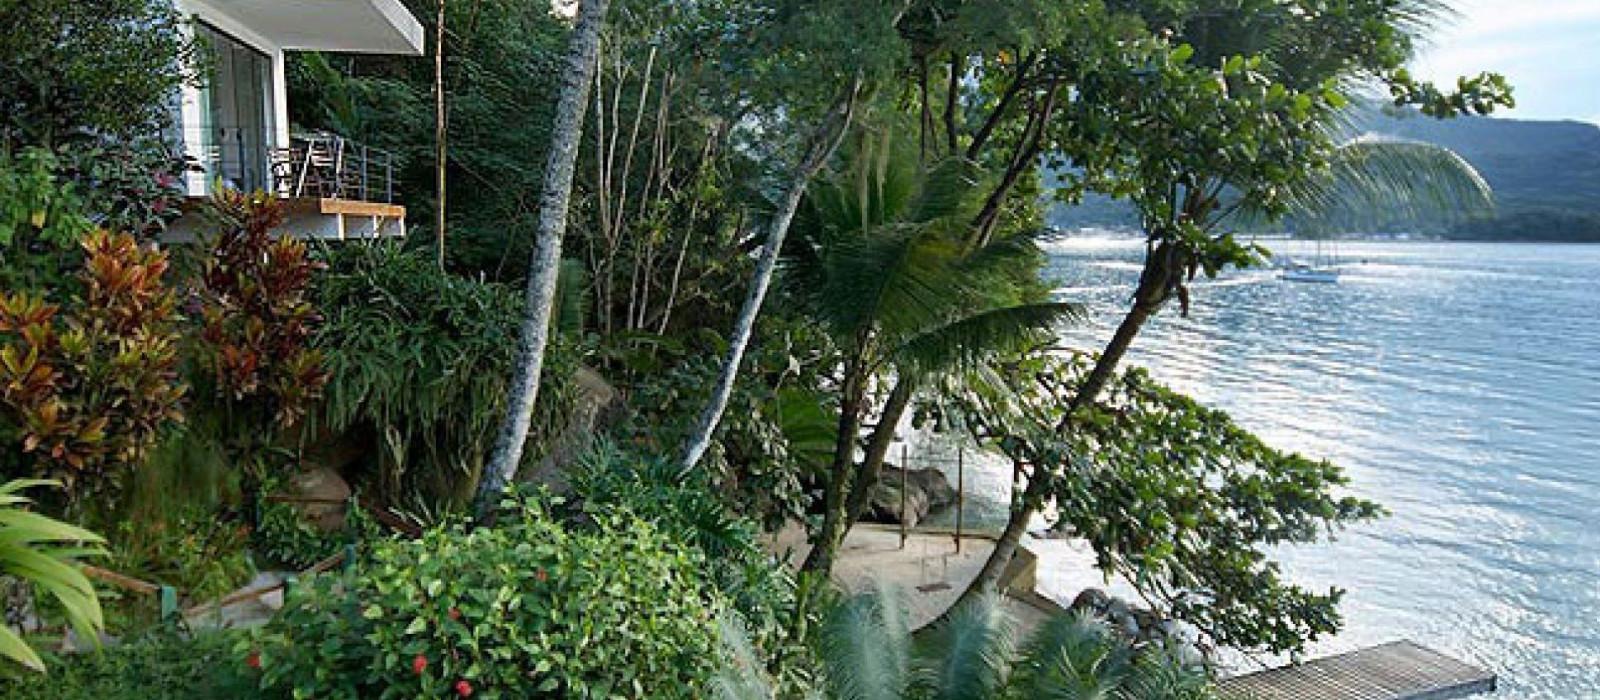 Hotel Asalem Brazil